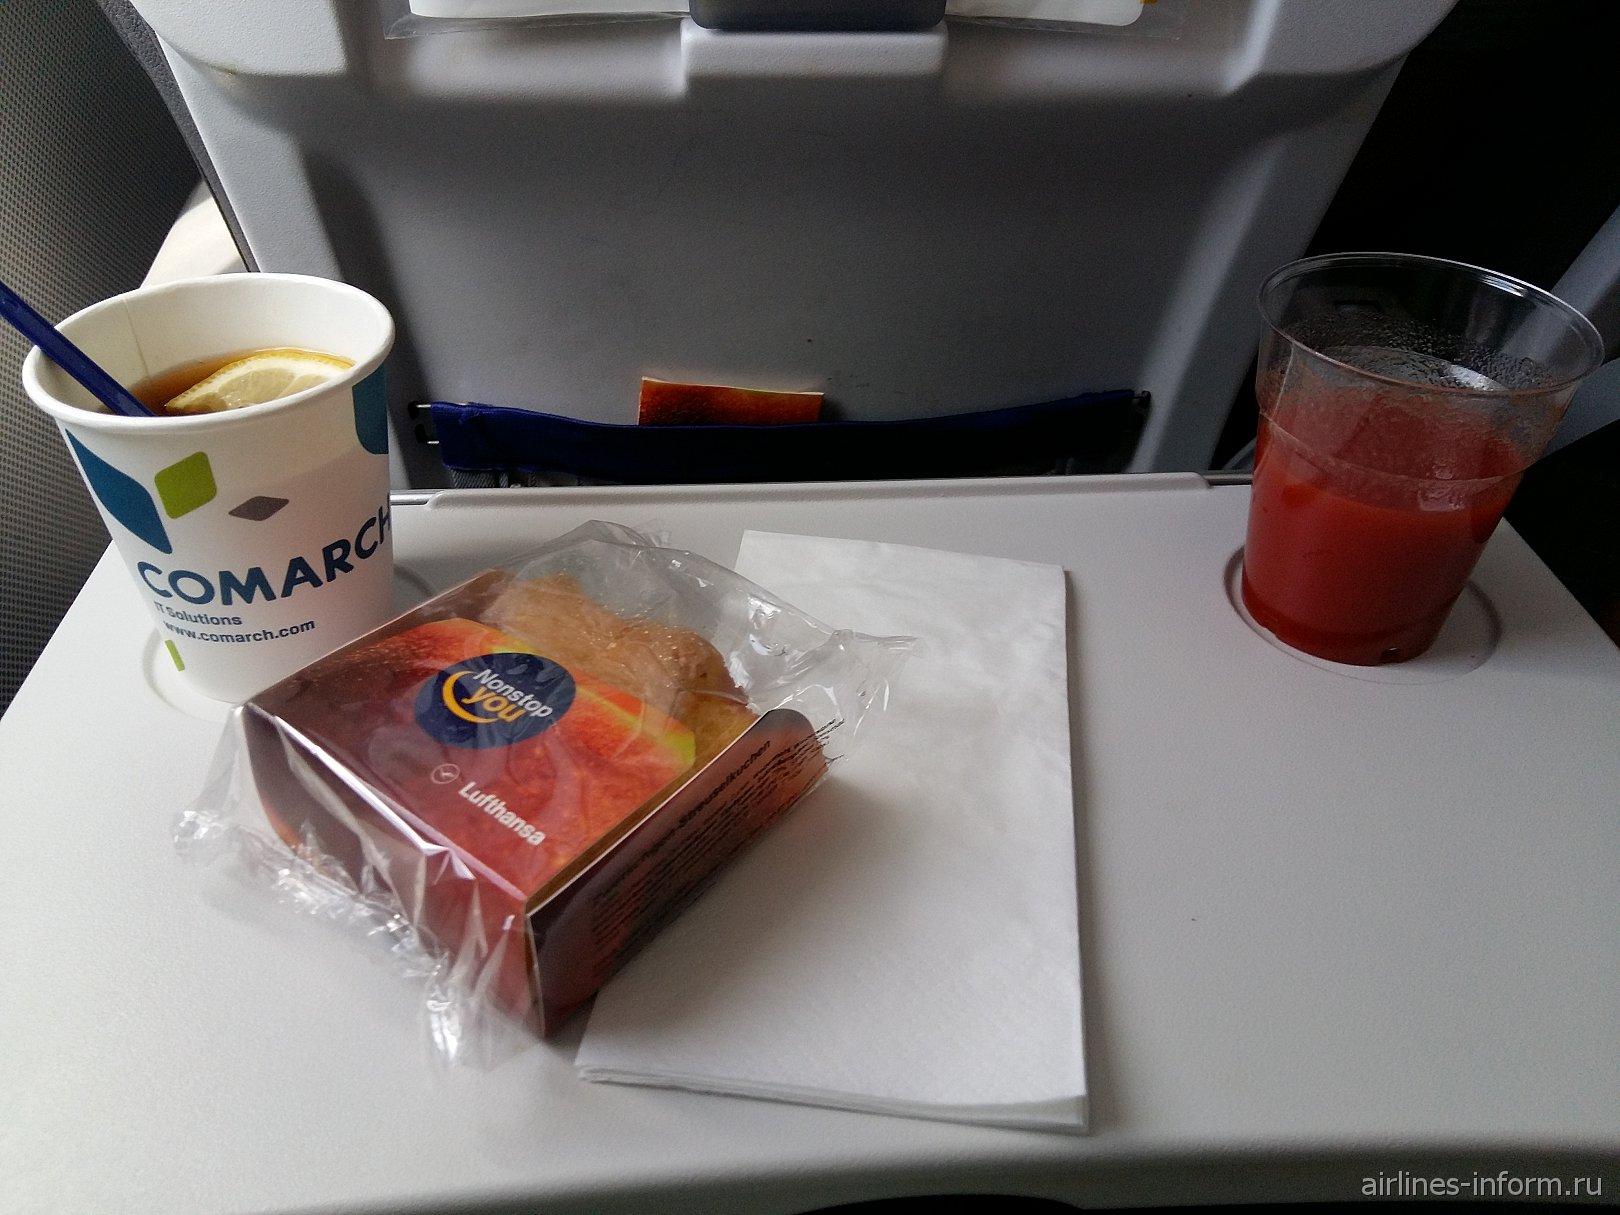 Сливовый бисквит и напитки на рейсе Барселона-Мюнхен авиакомпании Lufthansa